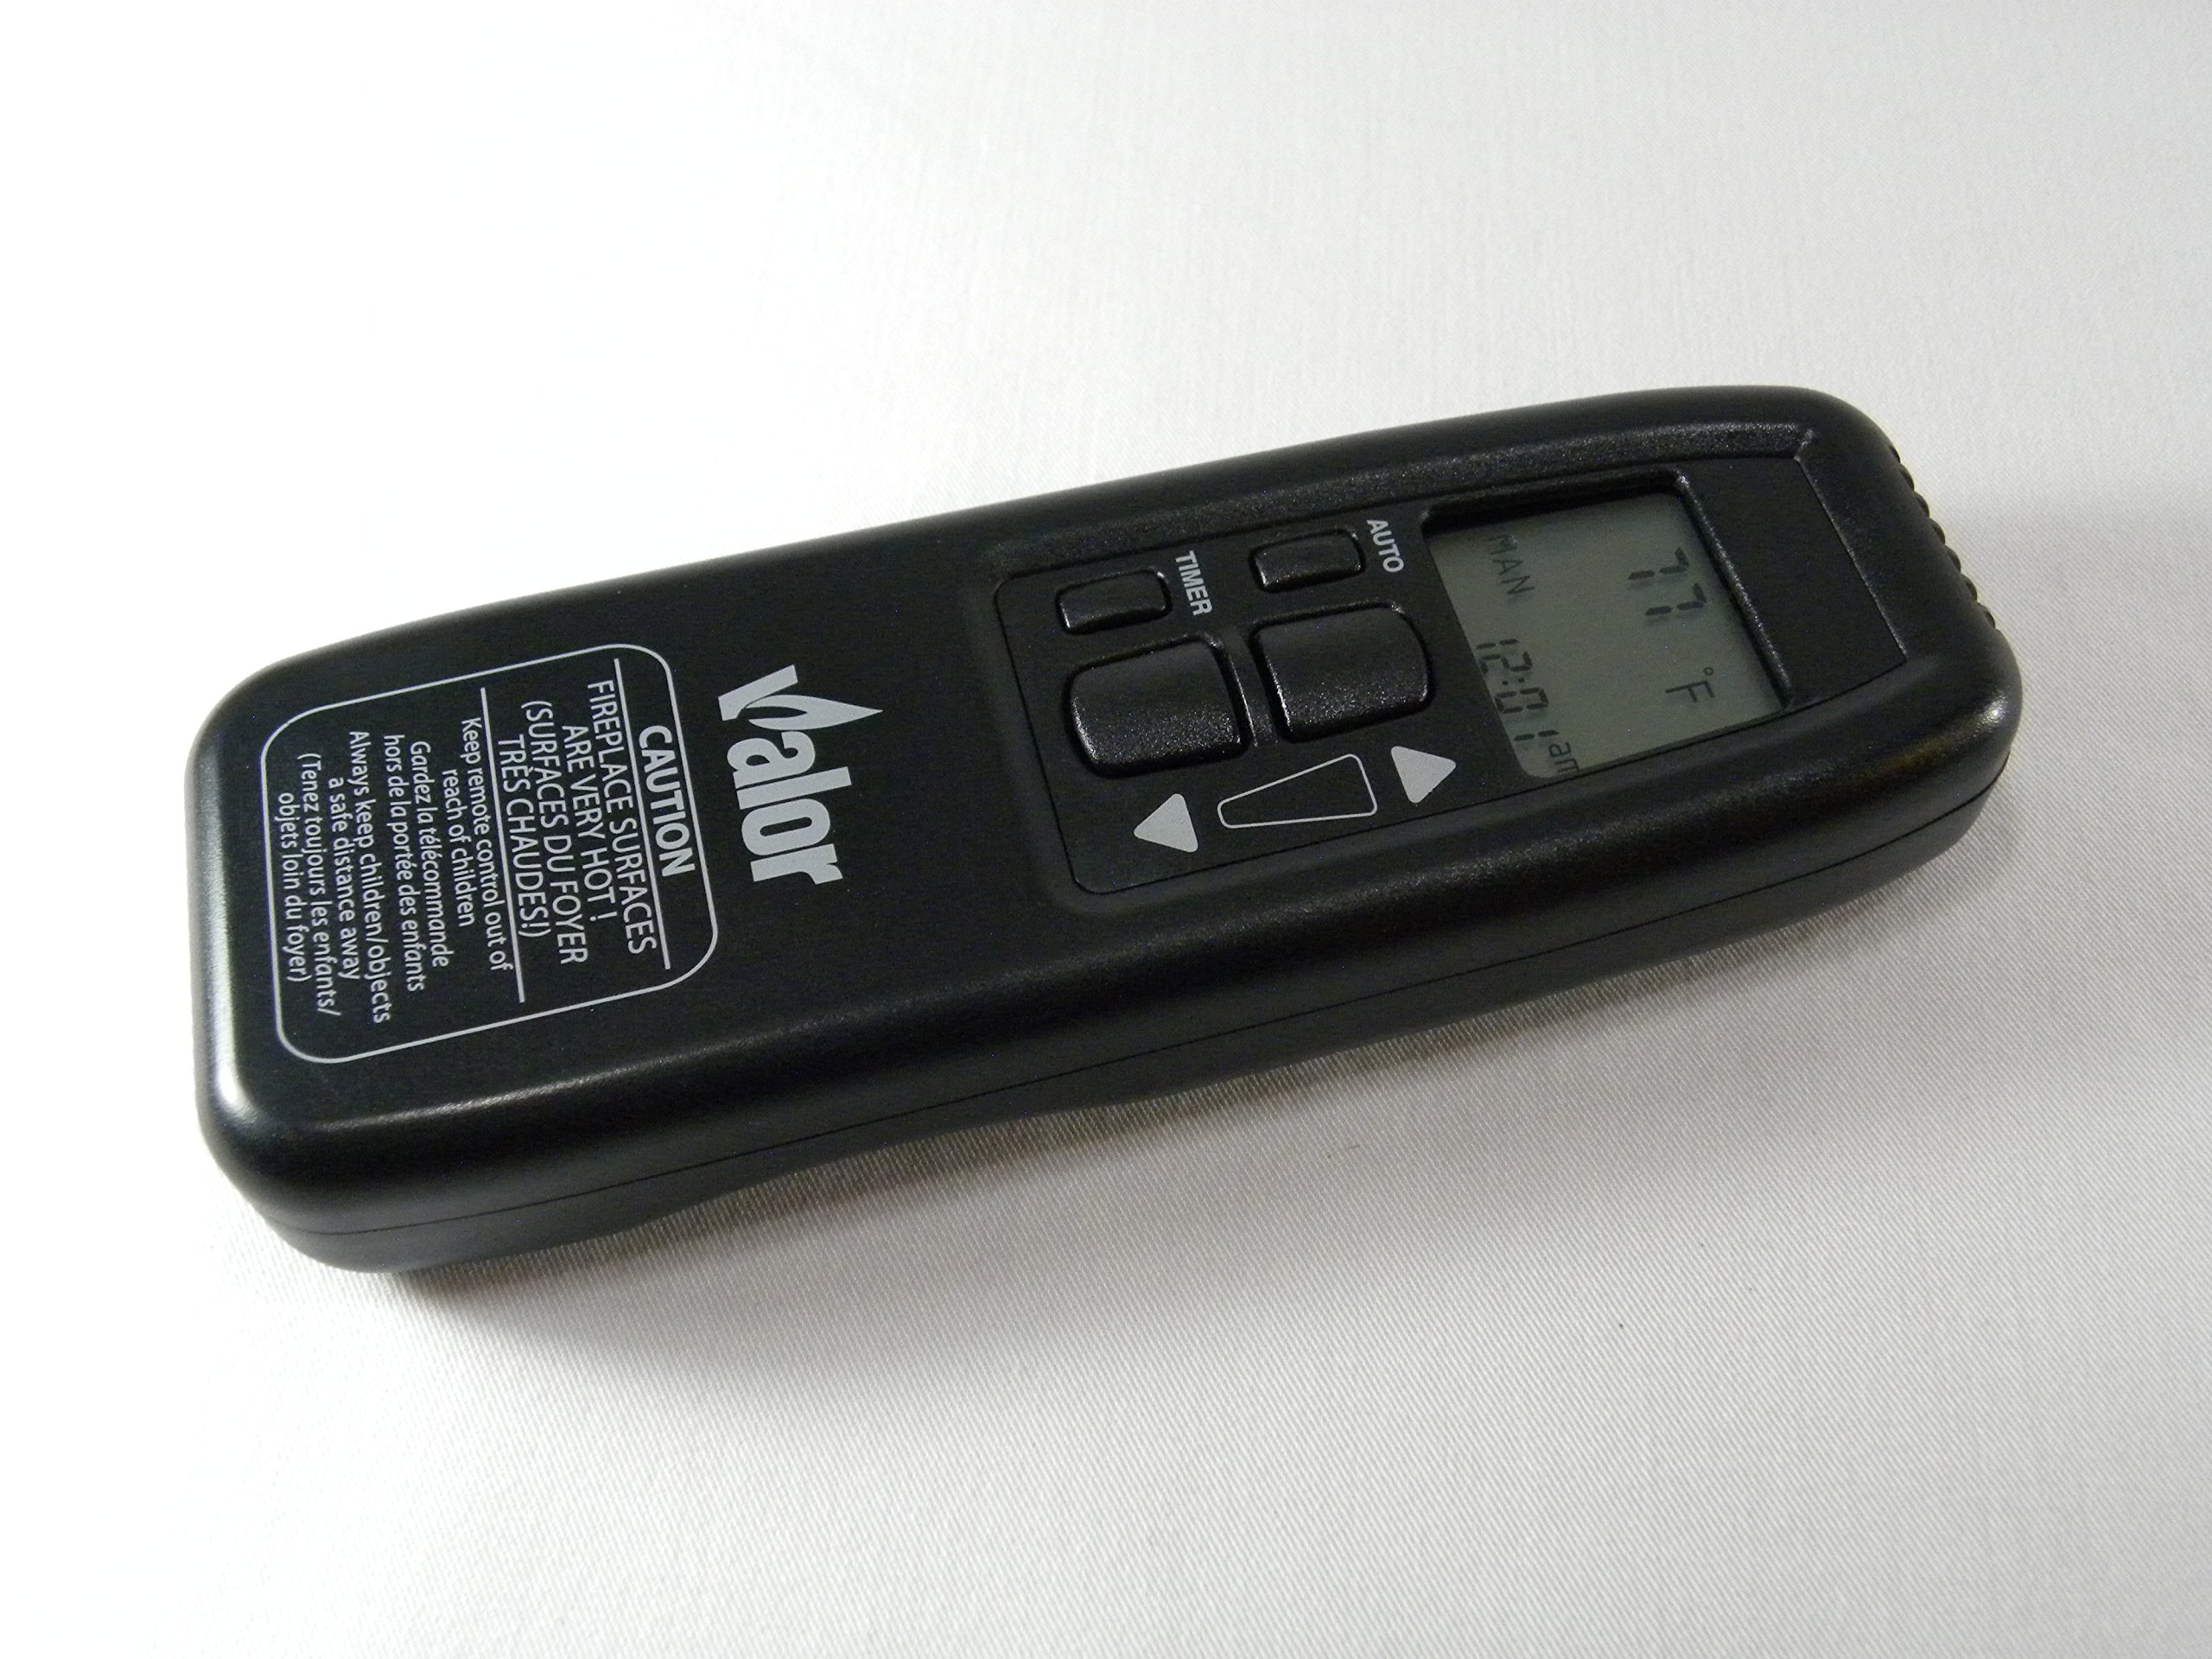 Maxitrol Ultrasonic Remote G30-ZRHTT by MAXITROL